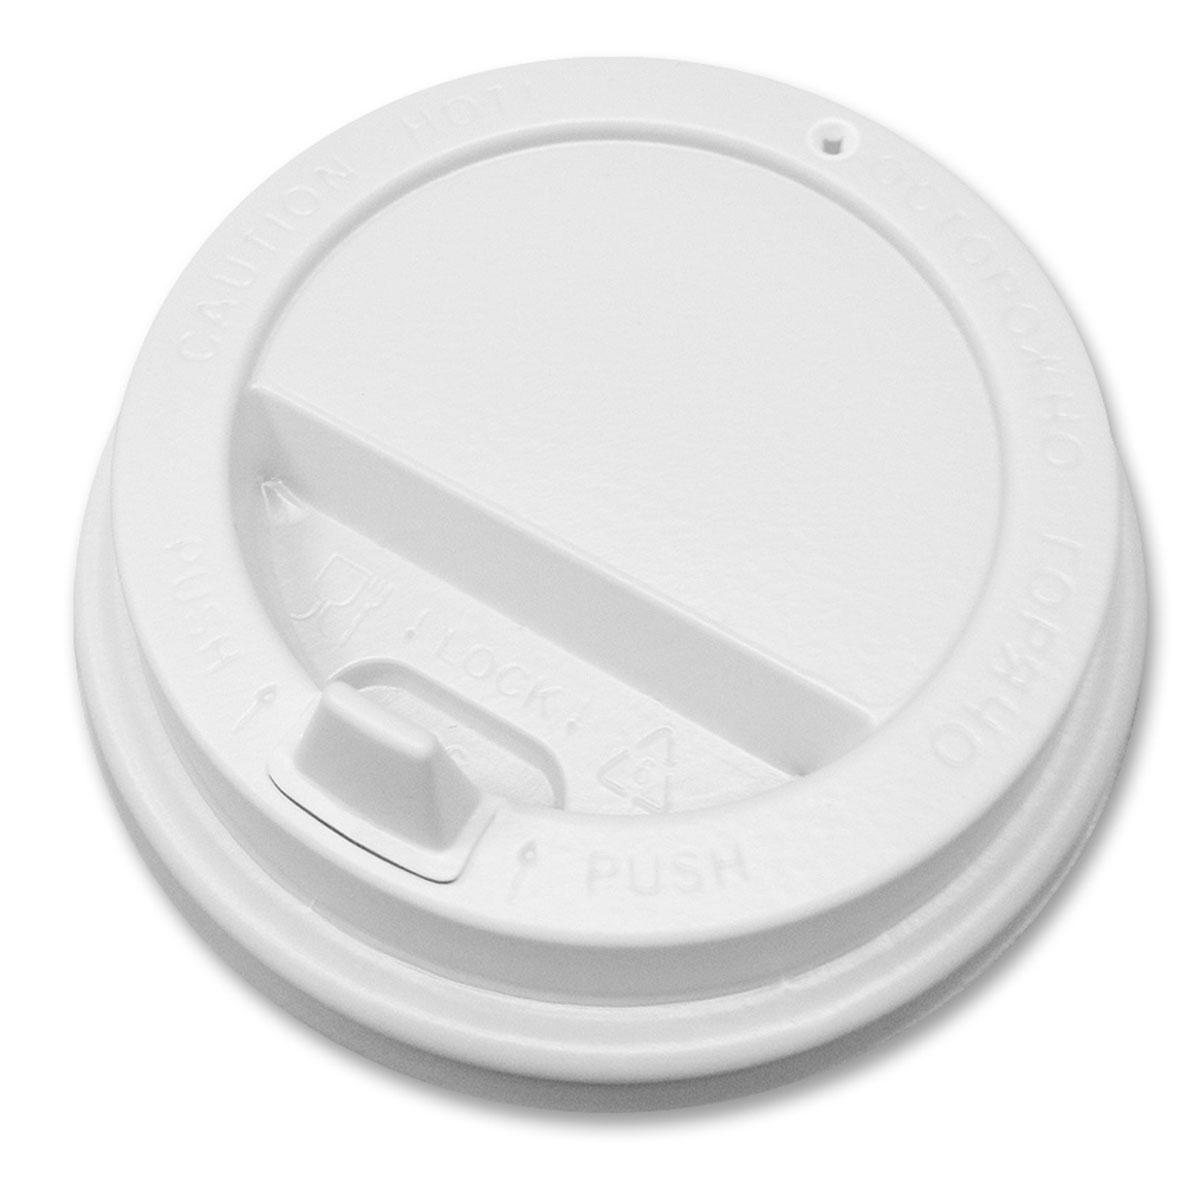 """Крышка одноразовая """"Протэк"""" предназначена для пластиковых кружек и стаканчиков объемом 180 мл. Крышка плотно надевается на стакан и не допускает проливания жидкости. Изделие дополнено удобным носиком, через который можно пить, не снимая крышку со стакана."""